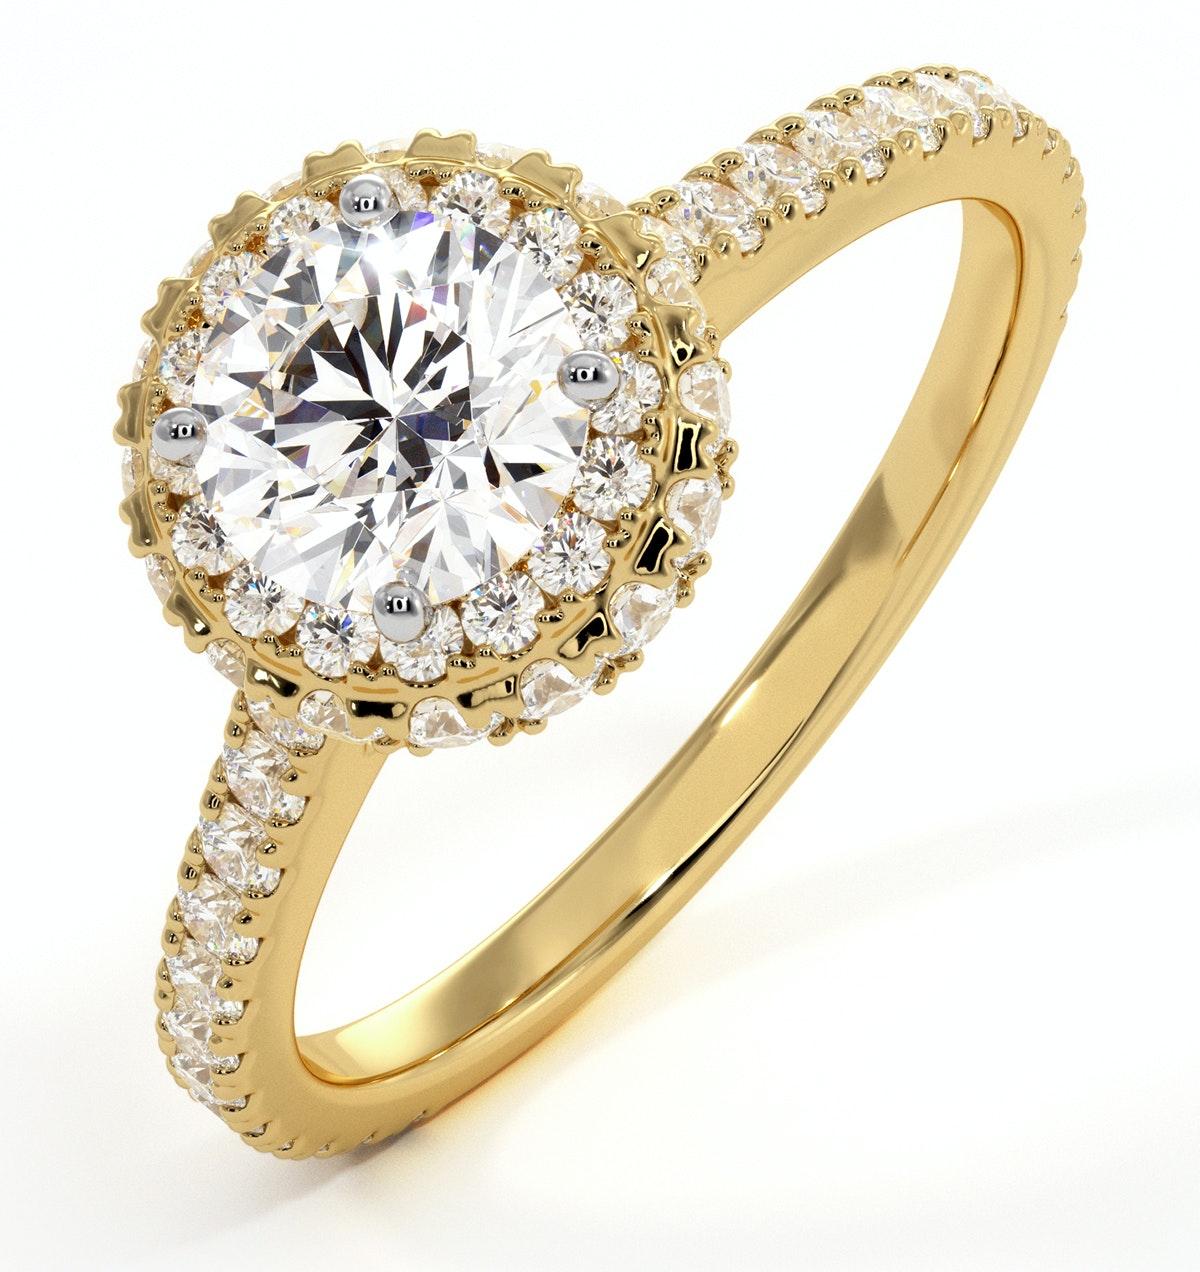 Valerie GIA Diamond Halo Engagement Ring in 18K Gold 1.40ct G/VS2